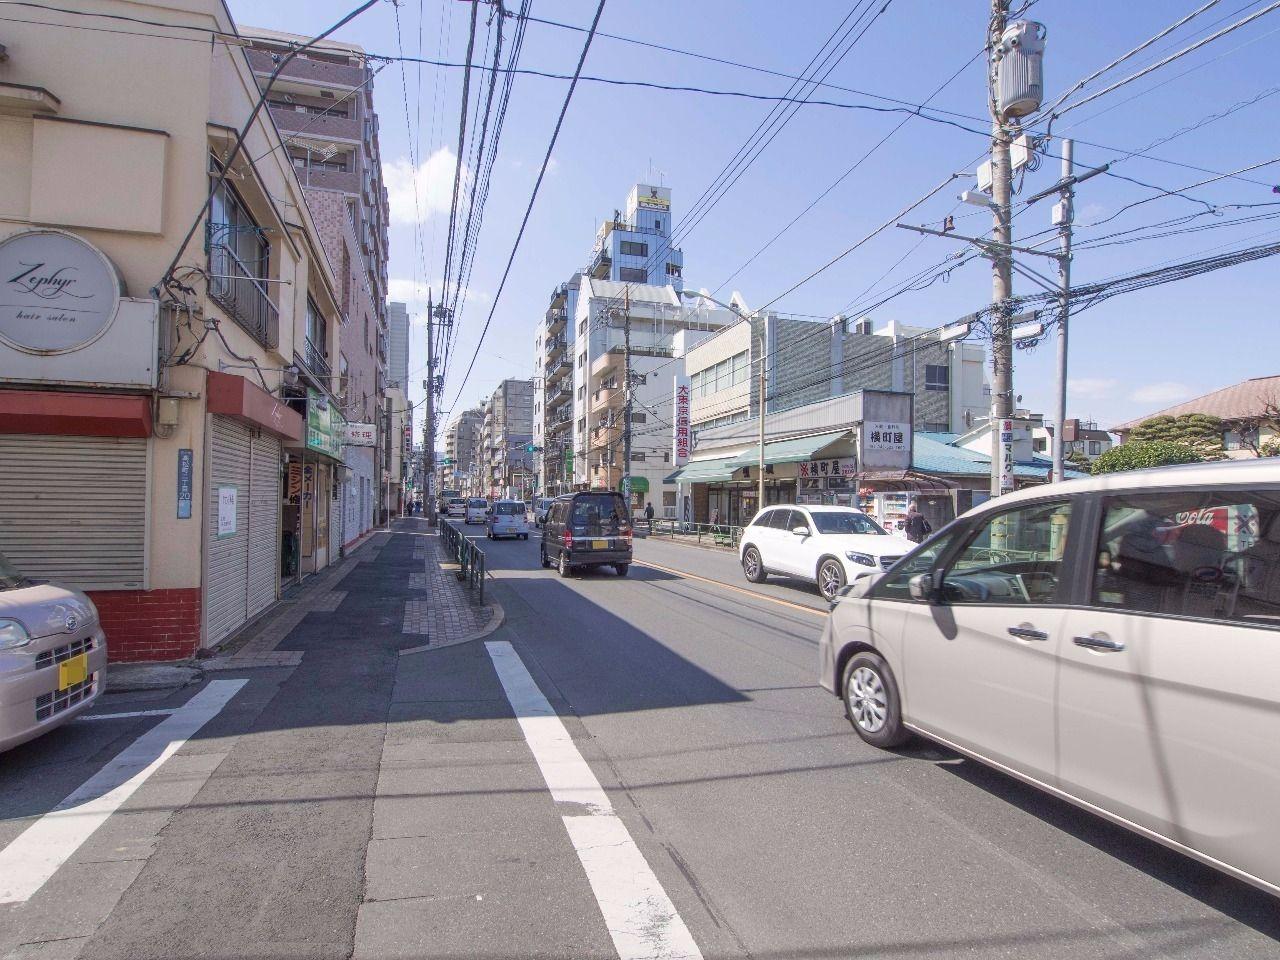 様々なお店が立ち並ぶ立川通りは、駅までの往復を楽しくしてくれます。